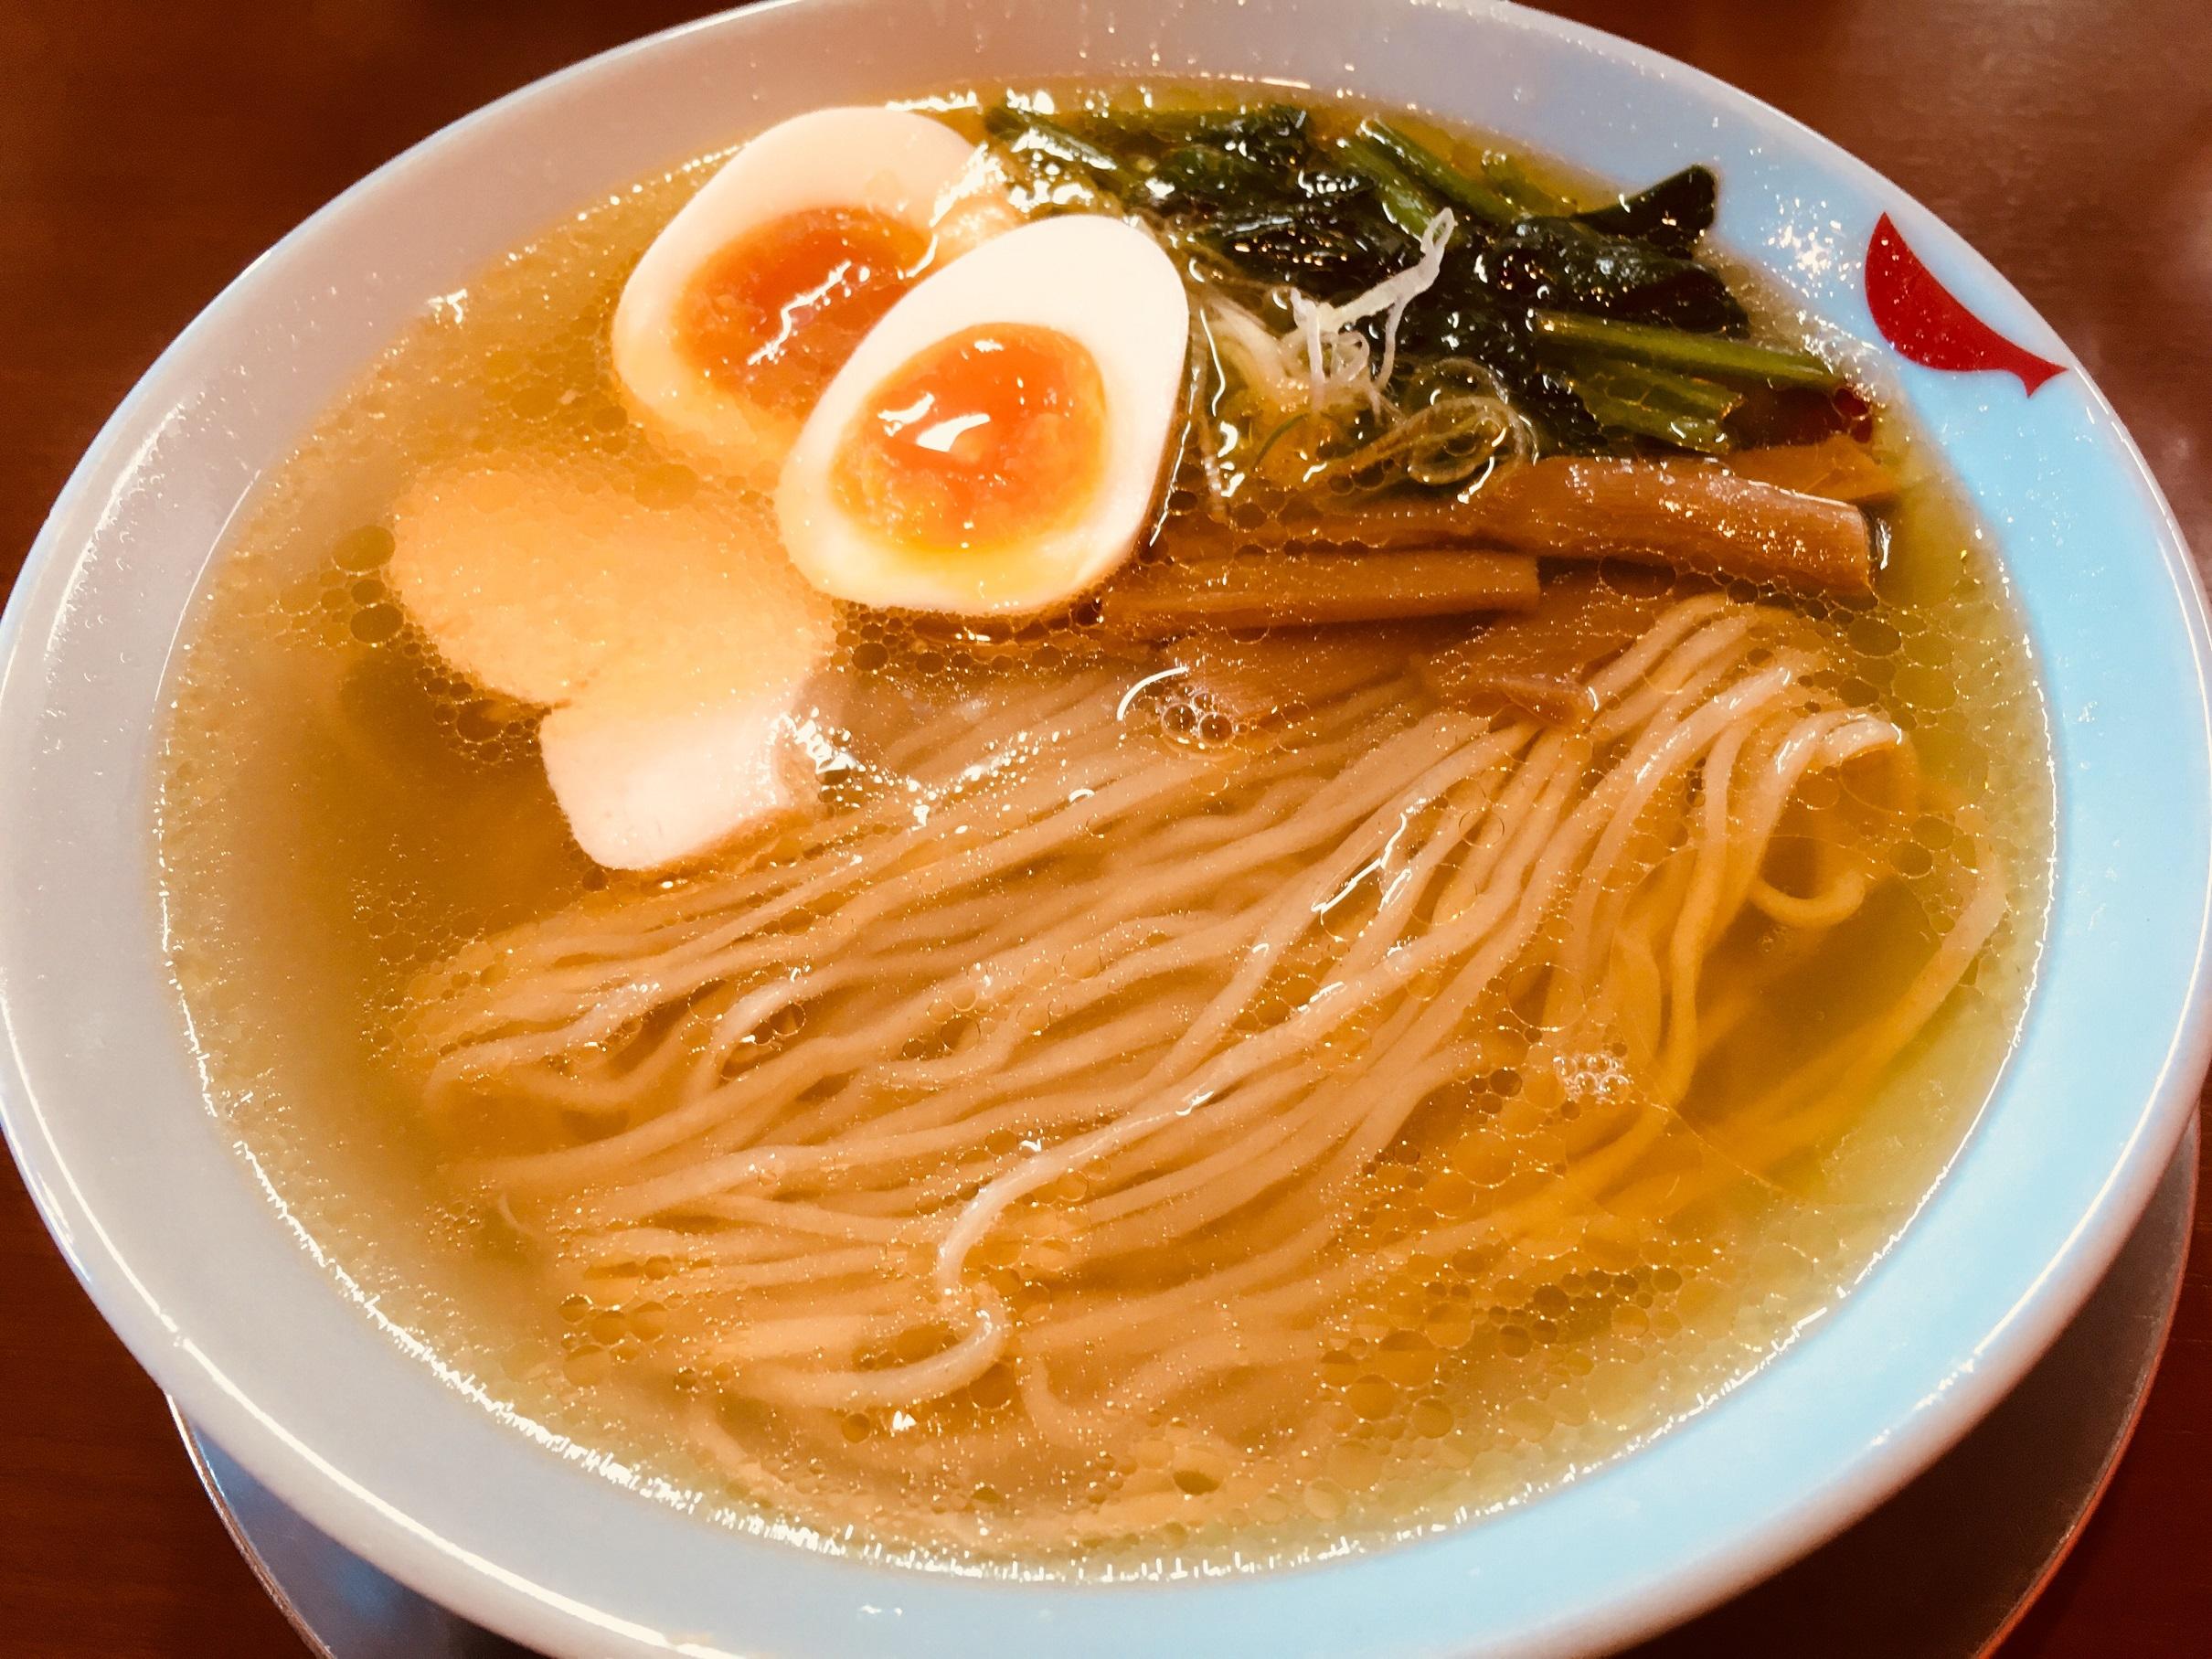 鶏と煮干しの中華そば市松(イチマツ)新潟市中央区幸西/ラーメン